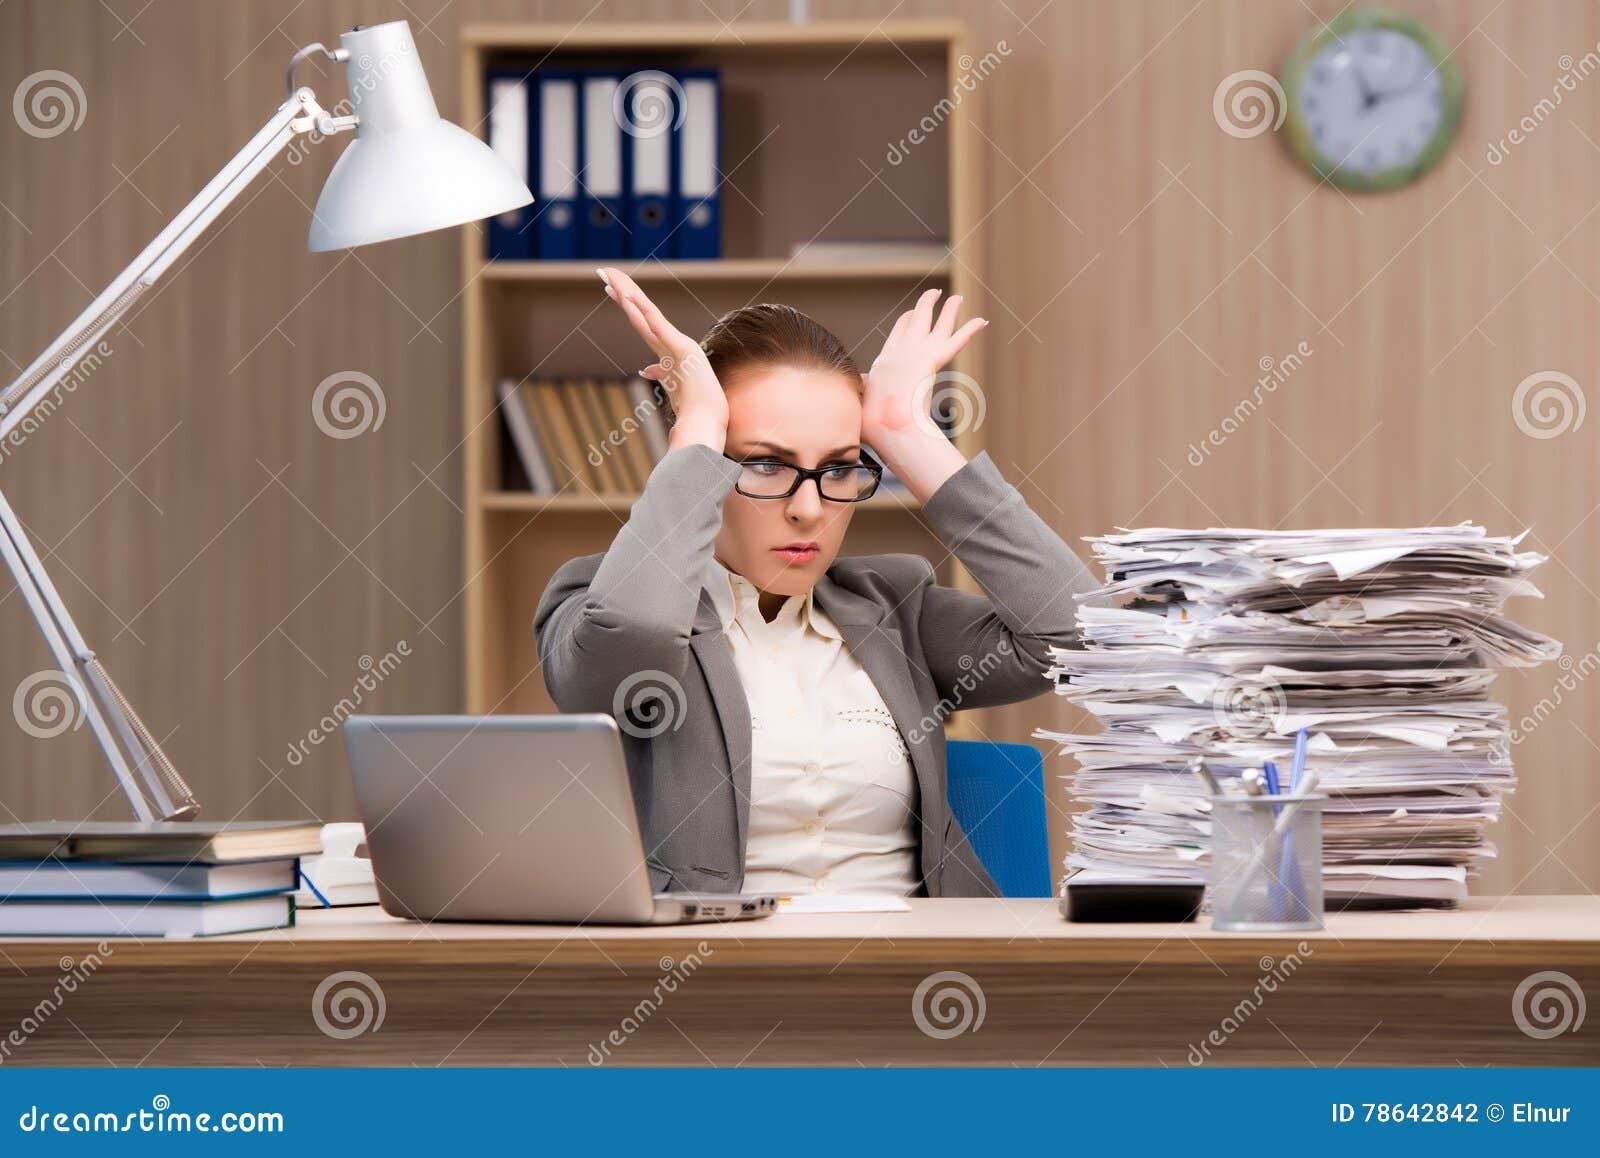 Bizneswoman pod stresem od zbyt dużo pracy w biurze